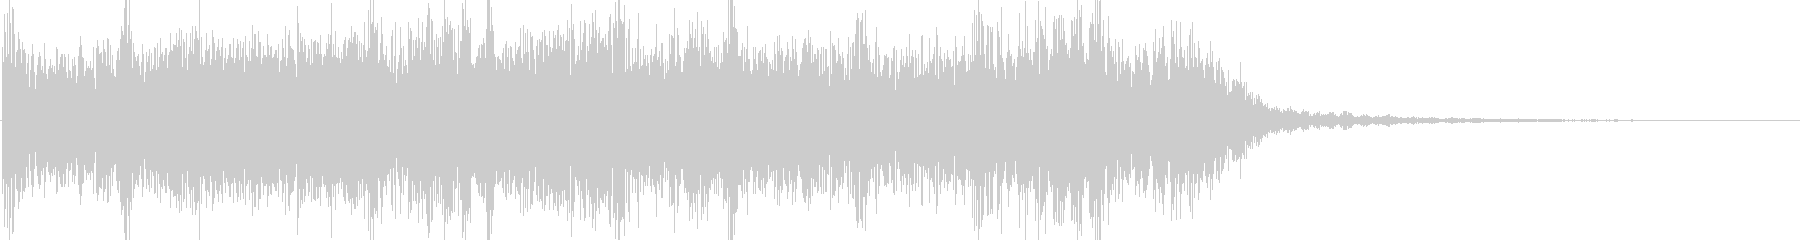 轟音ギターのヘヴィーショートジングルの未再生の波形